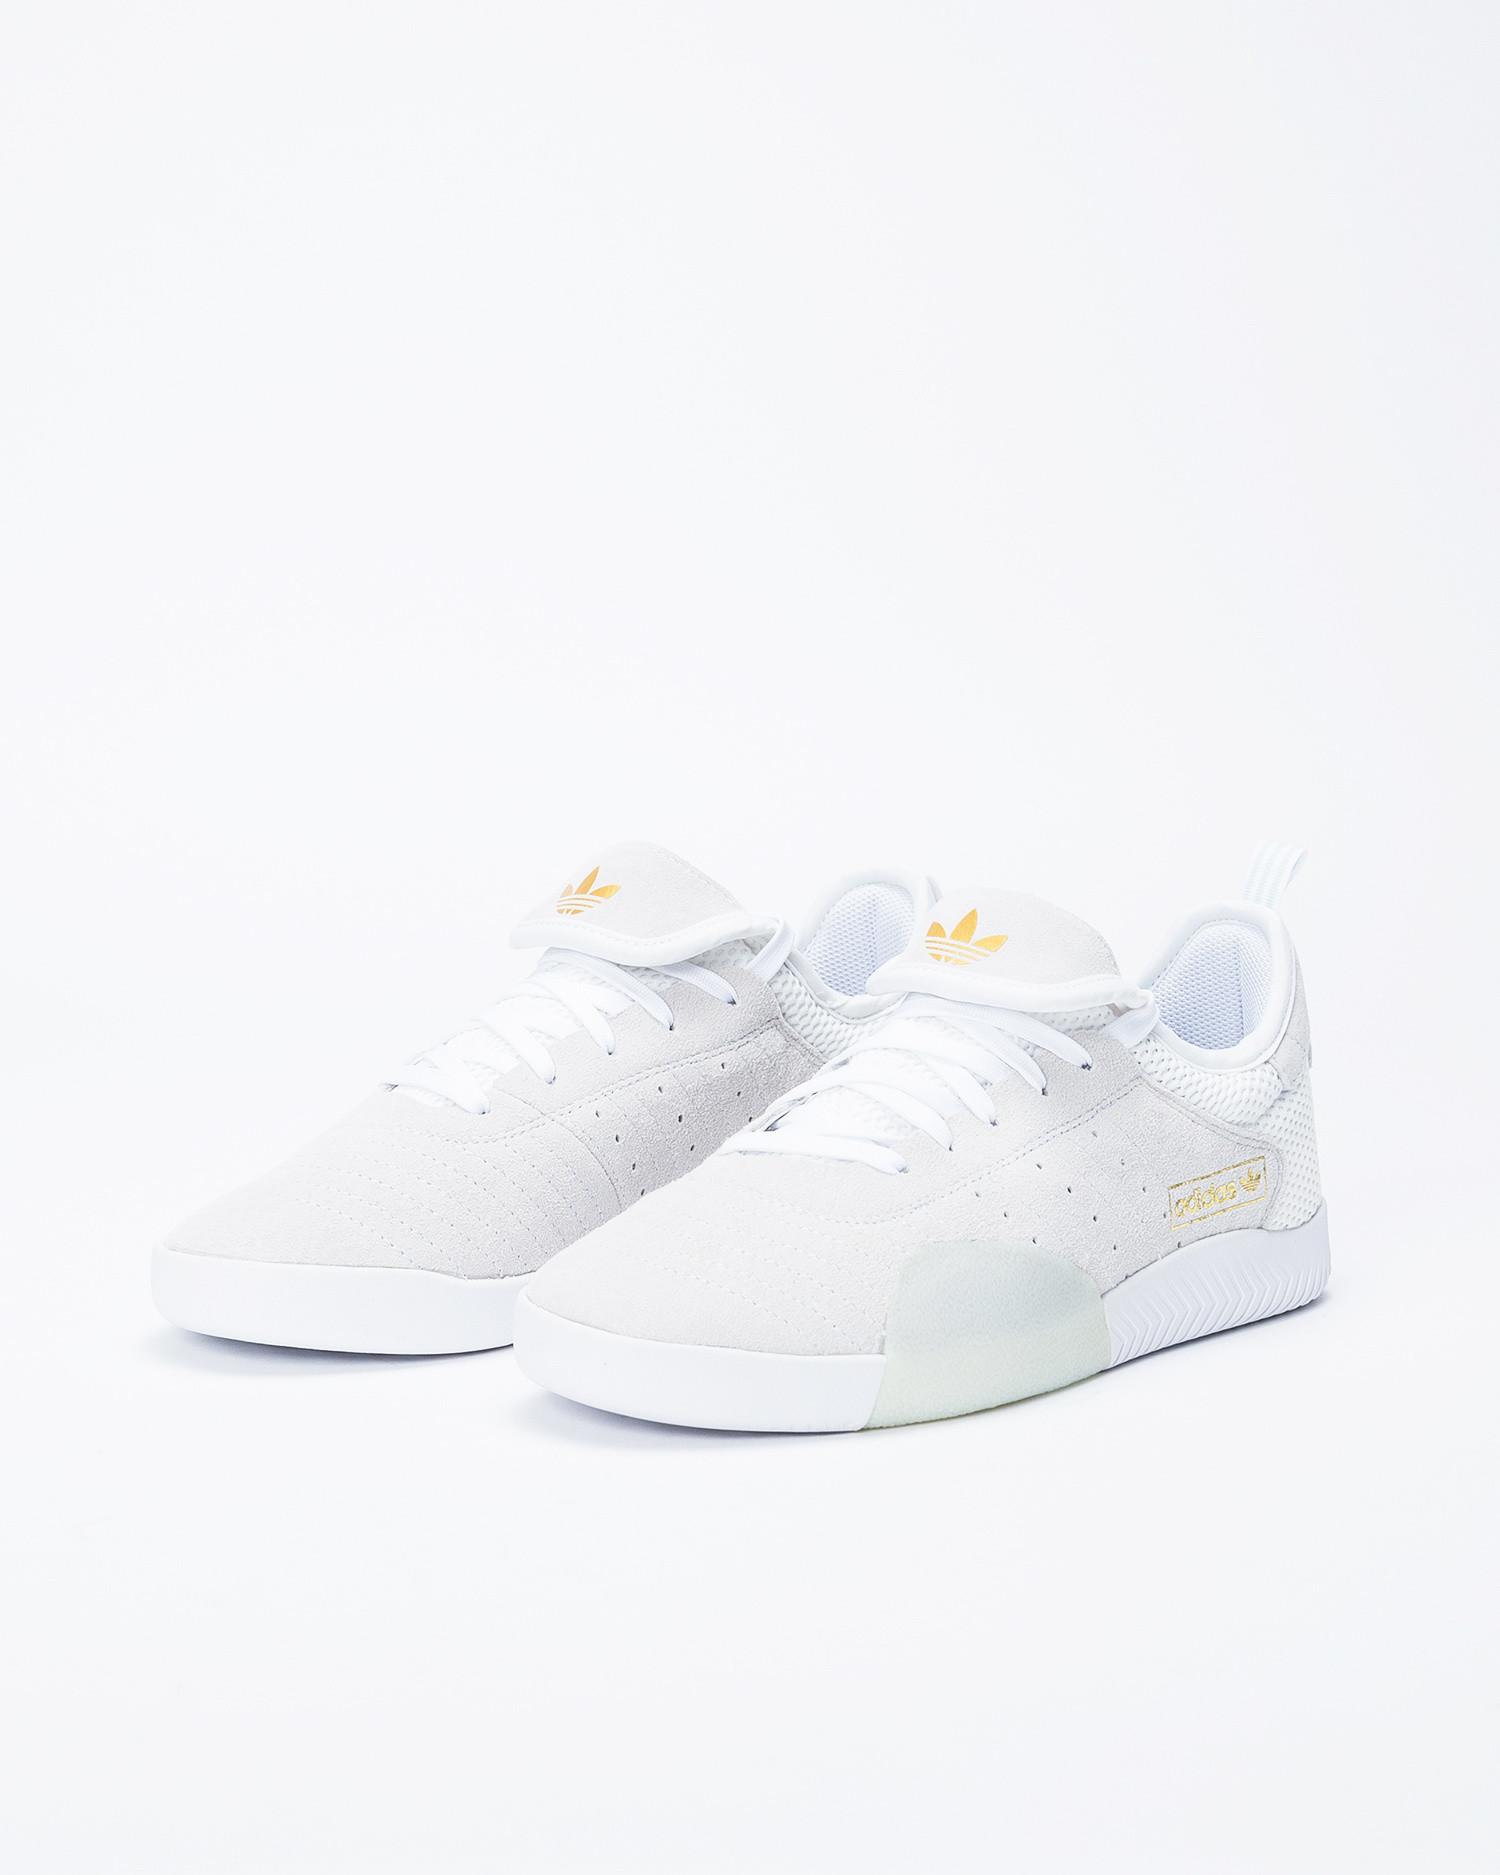 Adidas 3St.003 Ftwwht/Blutin/Goldmt